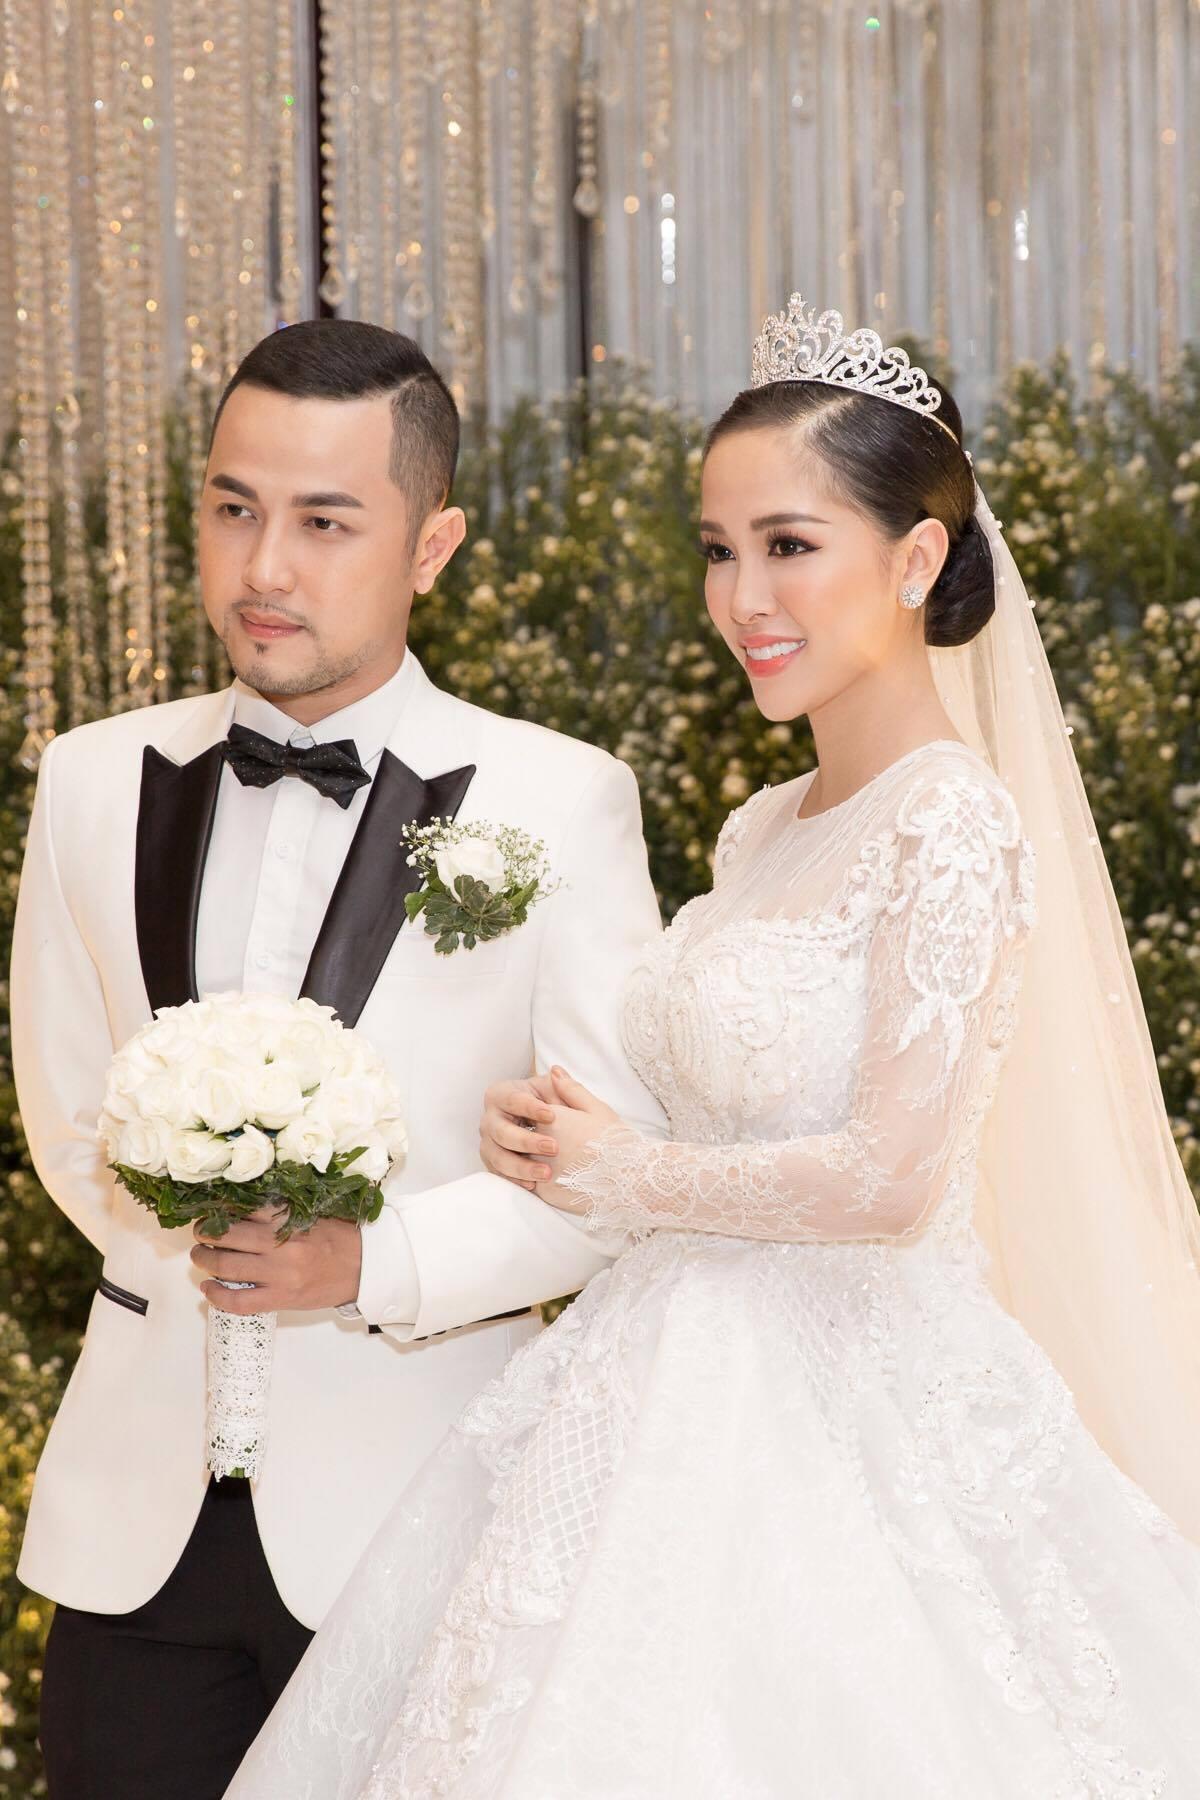 Trang Pilla - vợ sang chảnh của anh trai Bảo Thy chia sẻ gì về cuộc sống sau hôn nhân của mình? 3